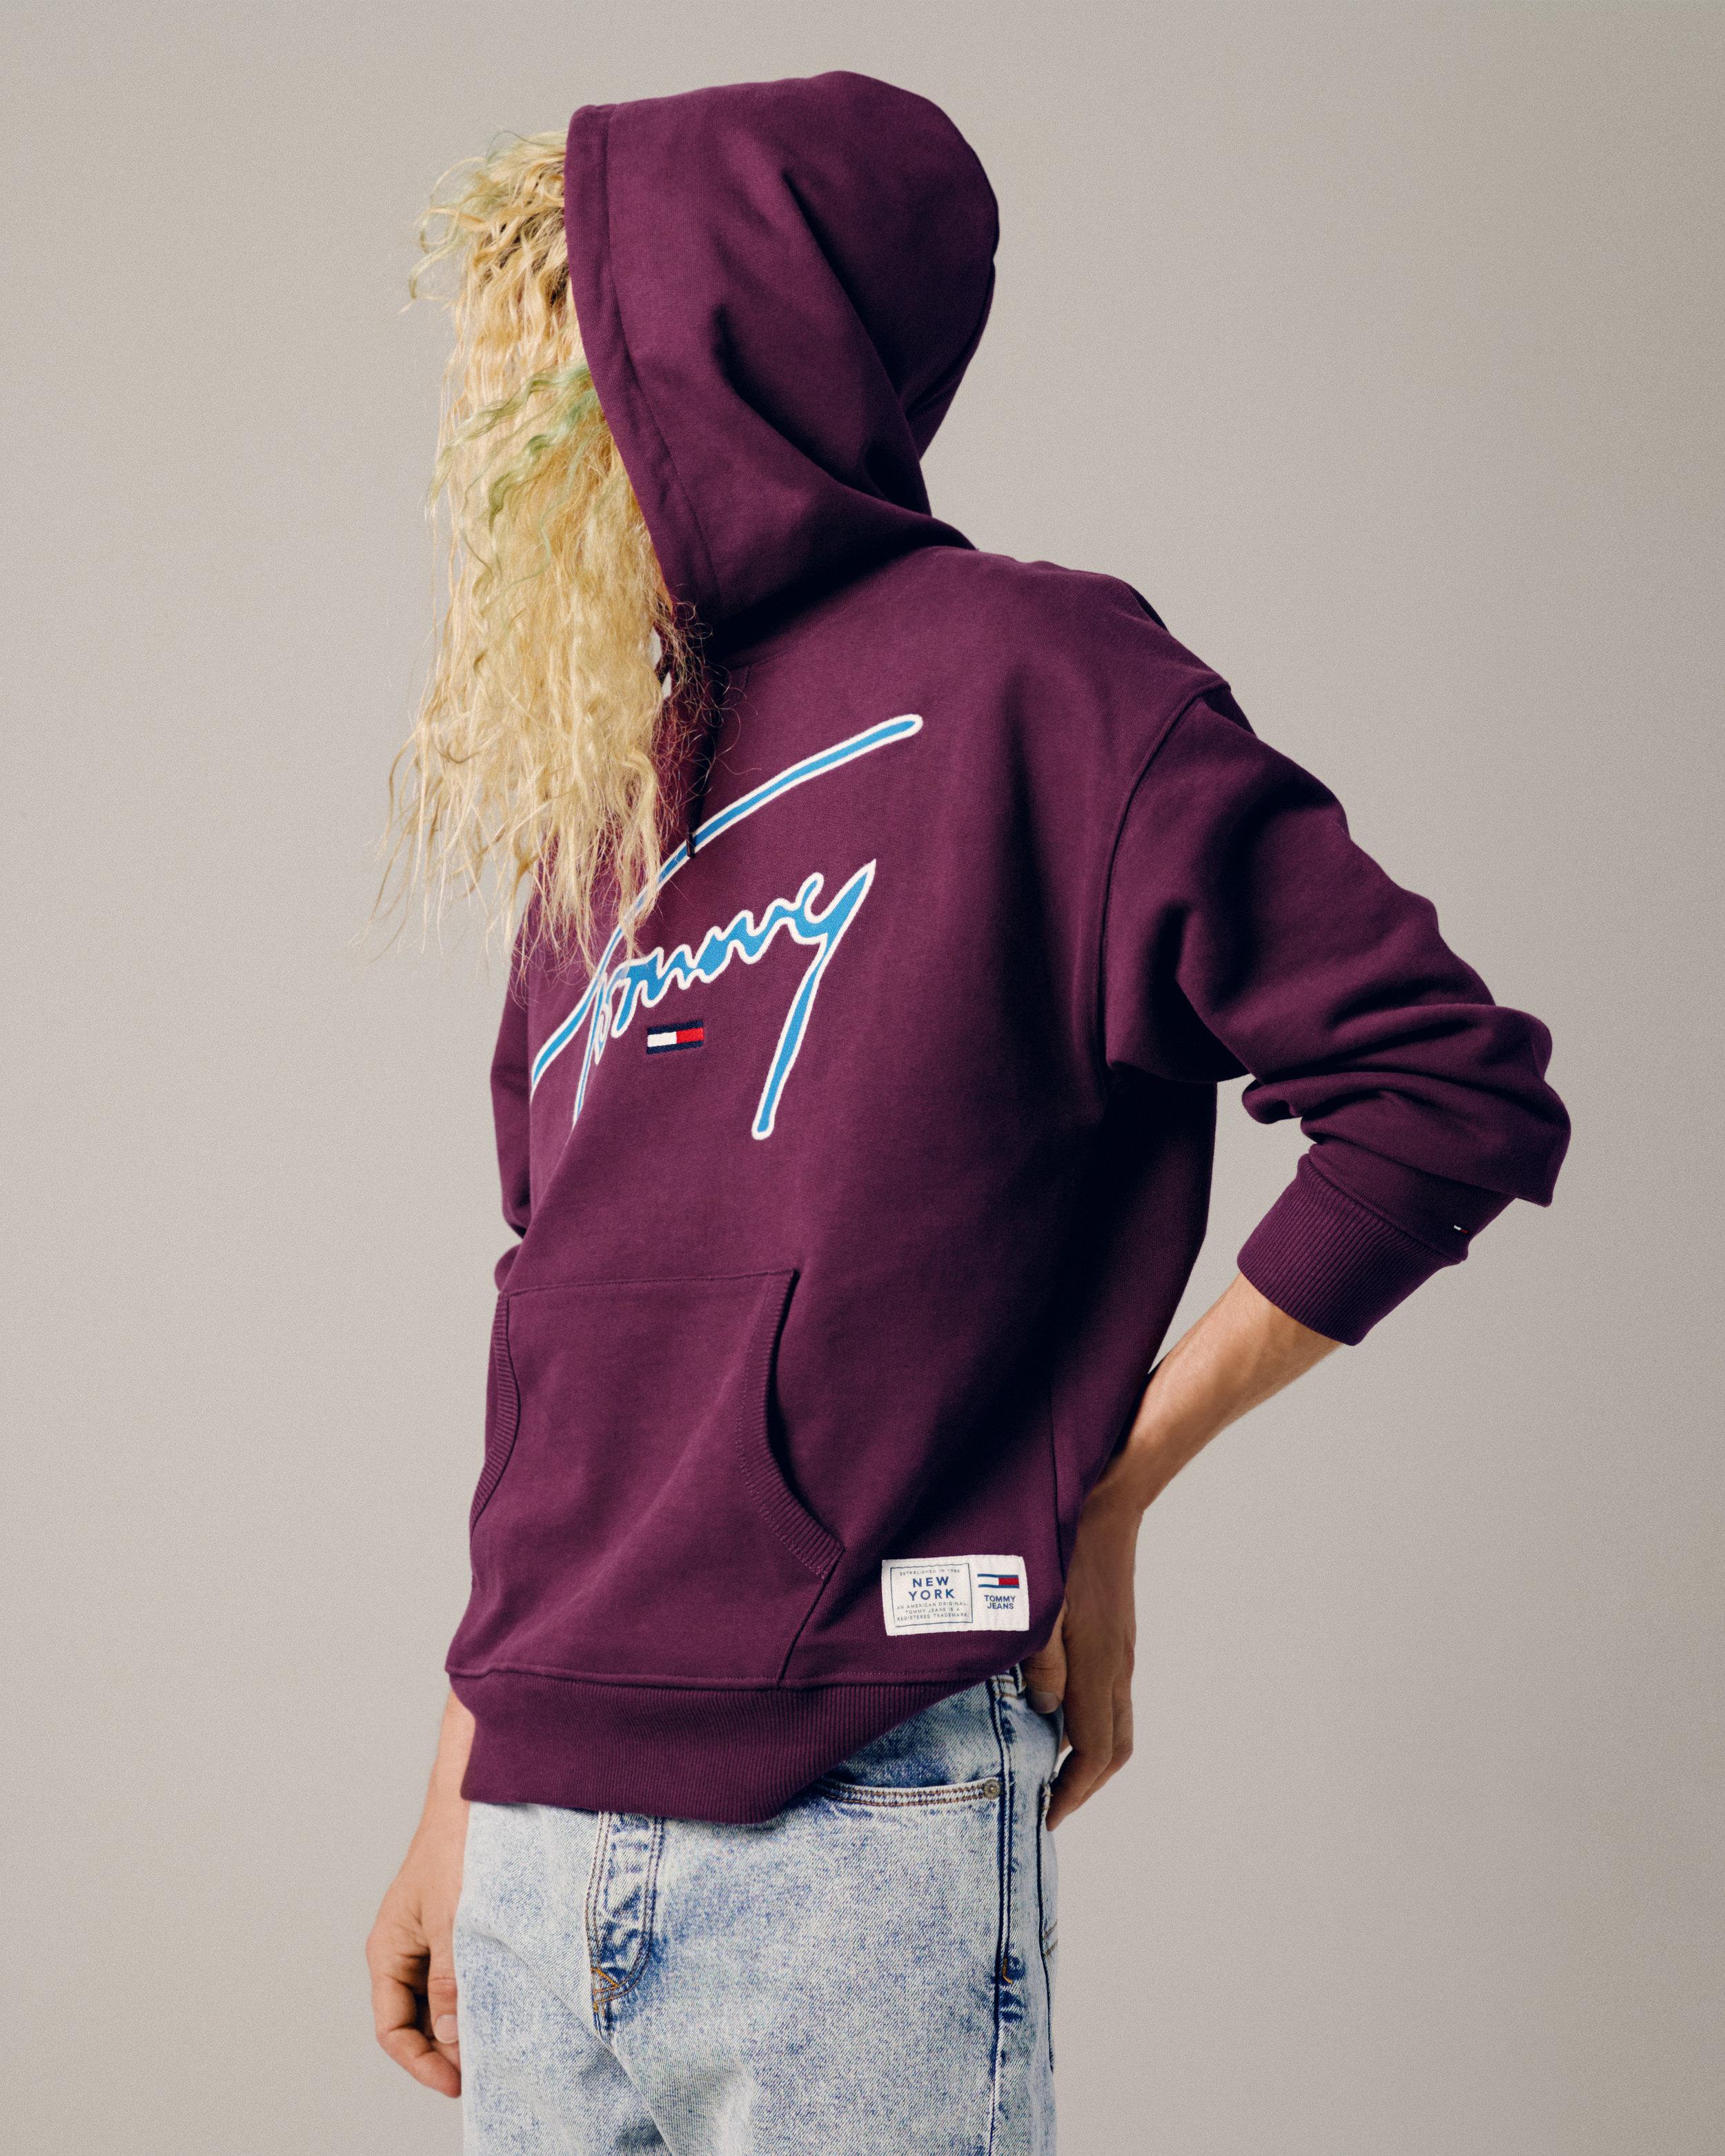 Tommy-Hilfiger-x-Fashionography35996.jpg